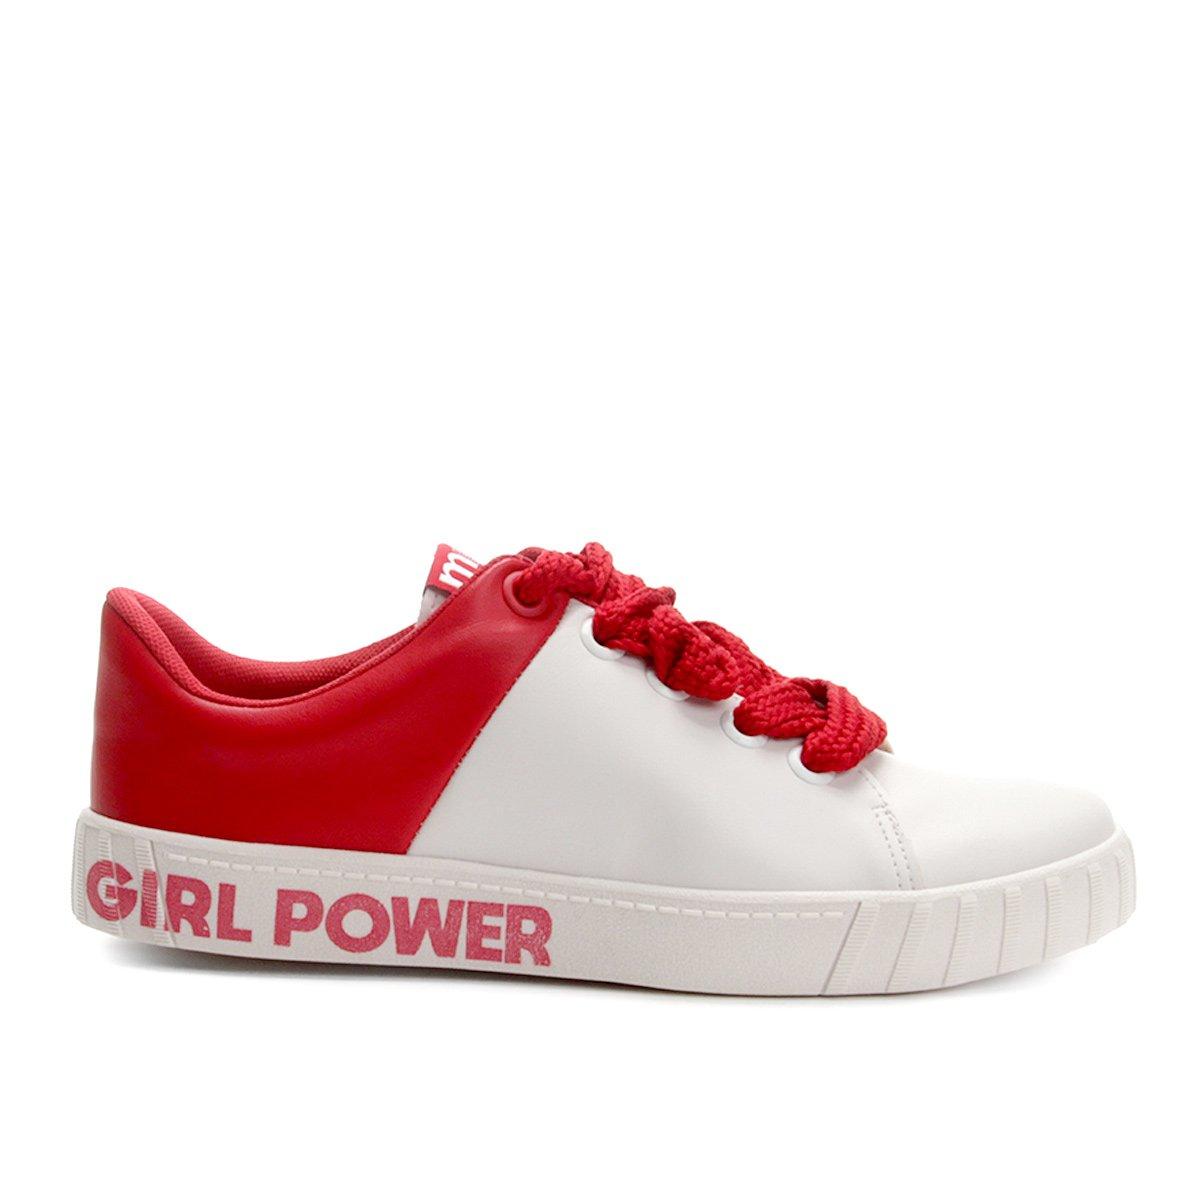 Vermelho Moleca Girl Tênis Tênis e Feminino Moleca Power Branco zf8Ex